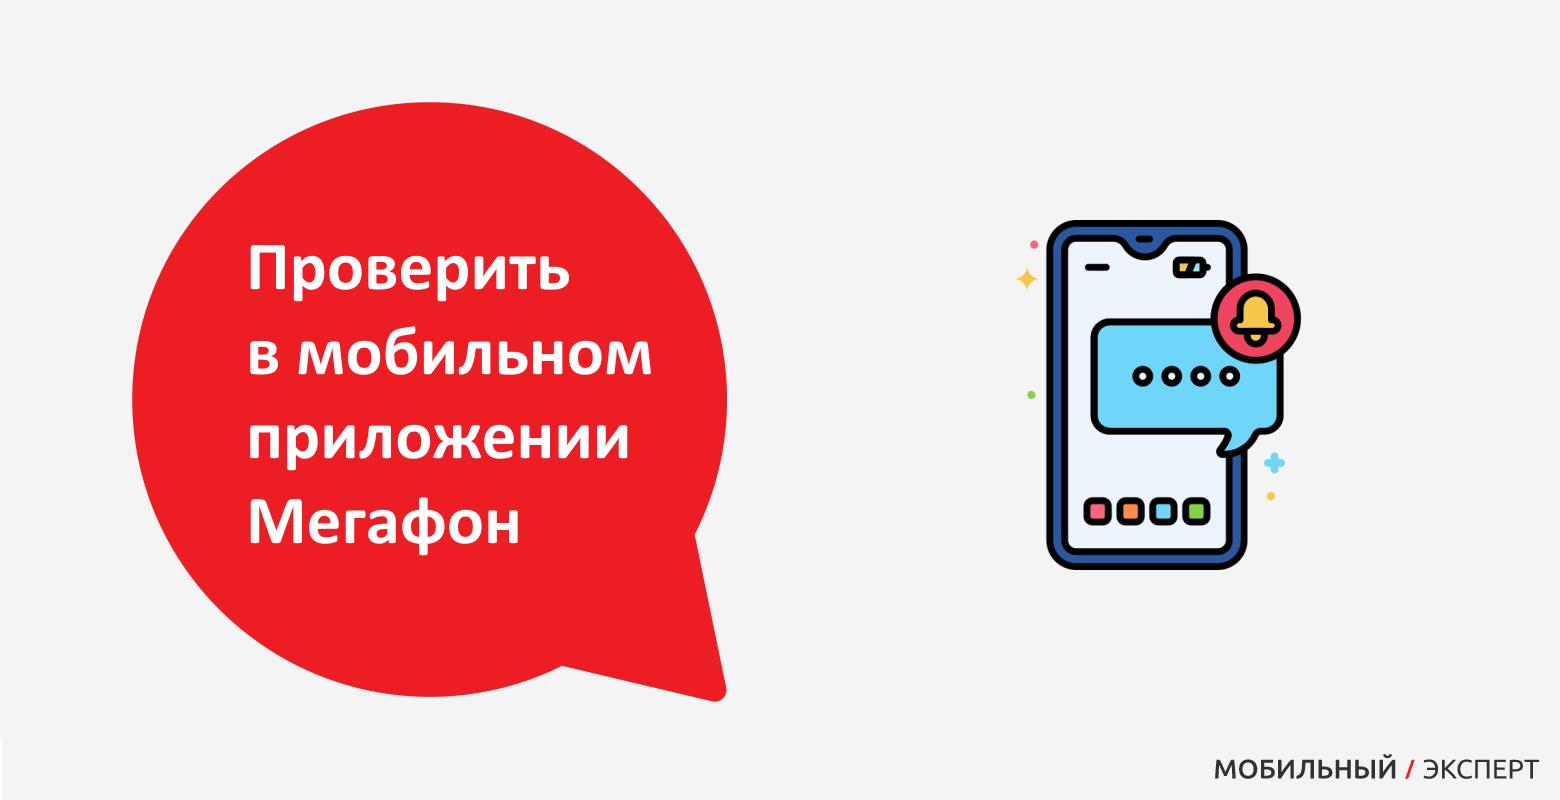 Проверить в мобильном приложении